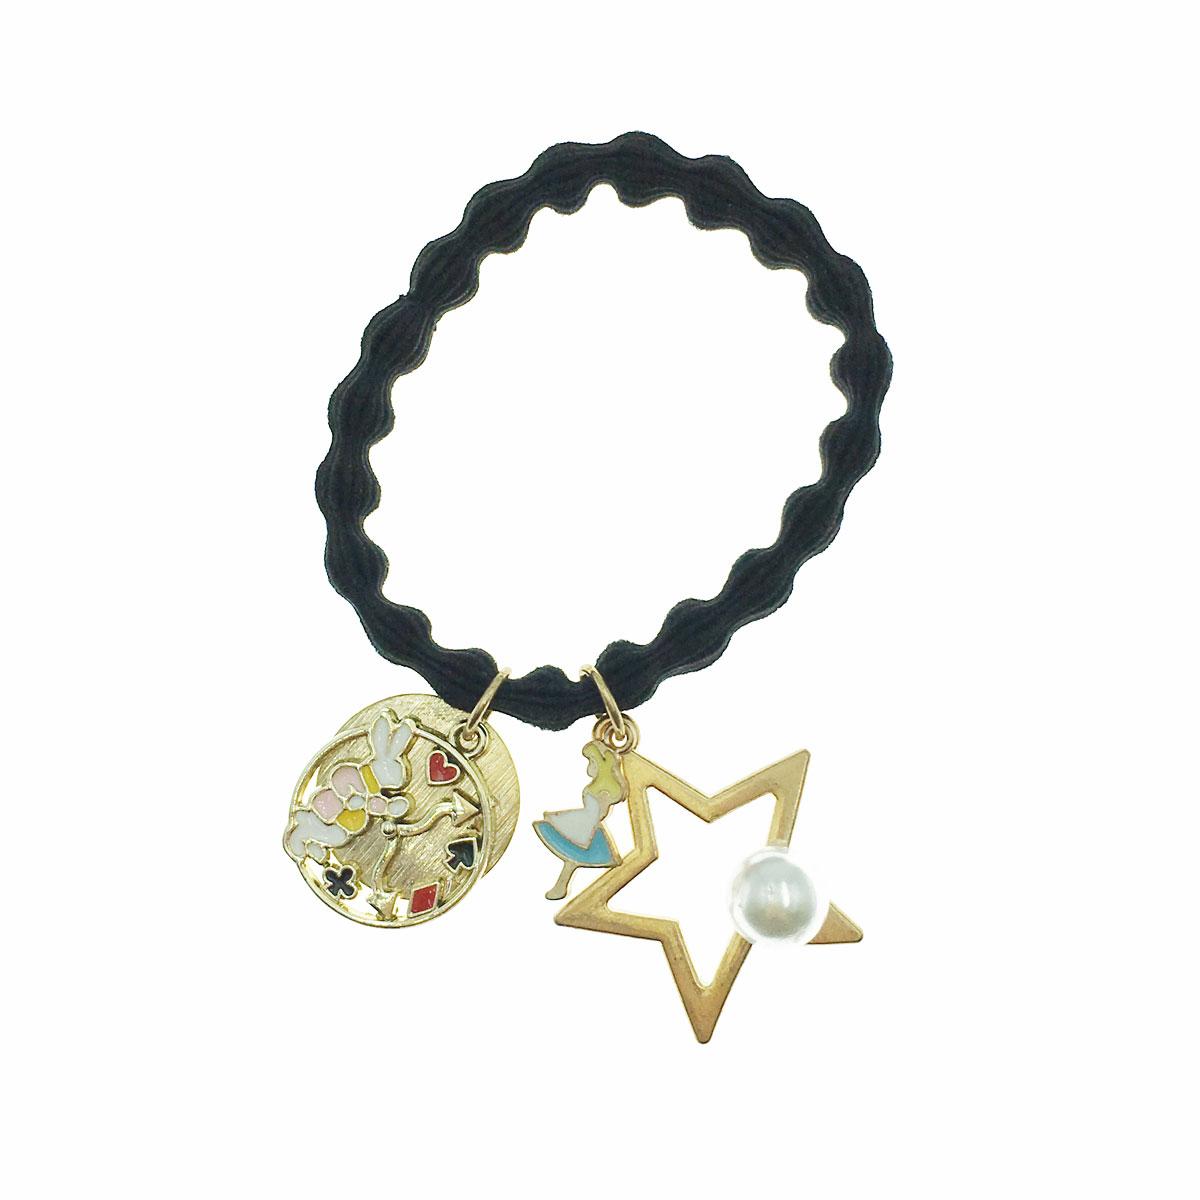 韓國 愛麗絲 兔子 星星 簍空 時鐘 珍珠 髮束 髮圈 髮飾